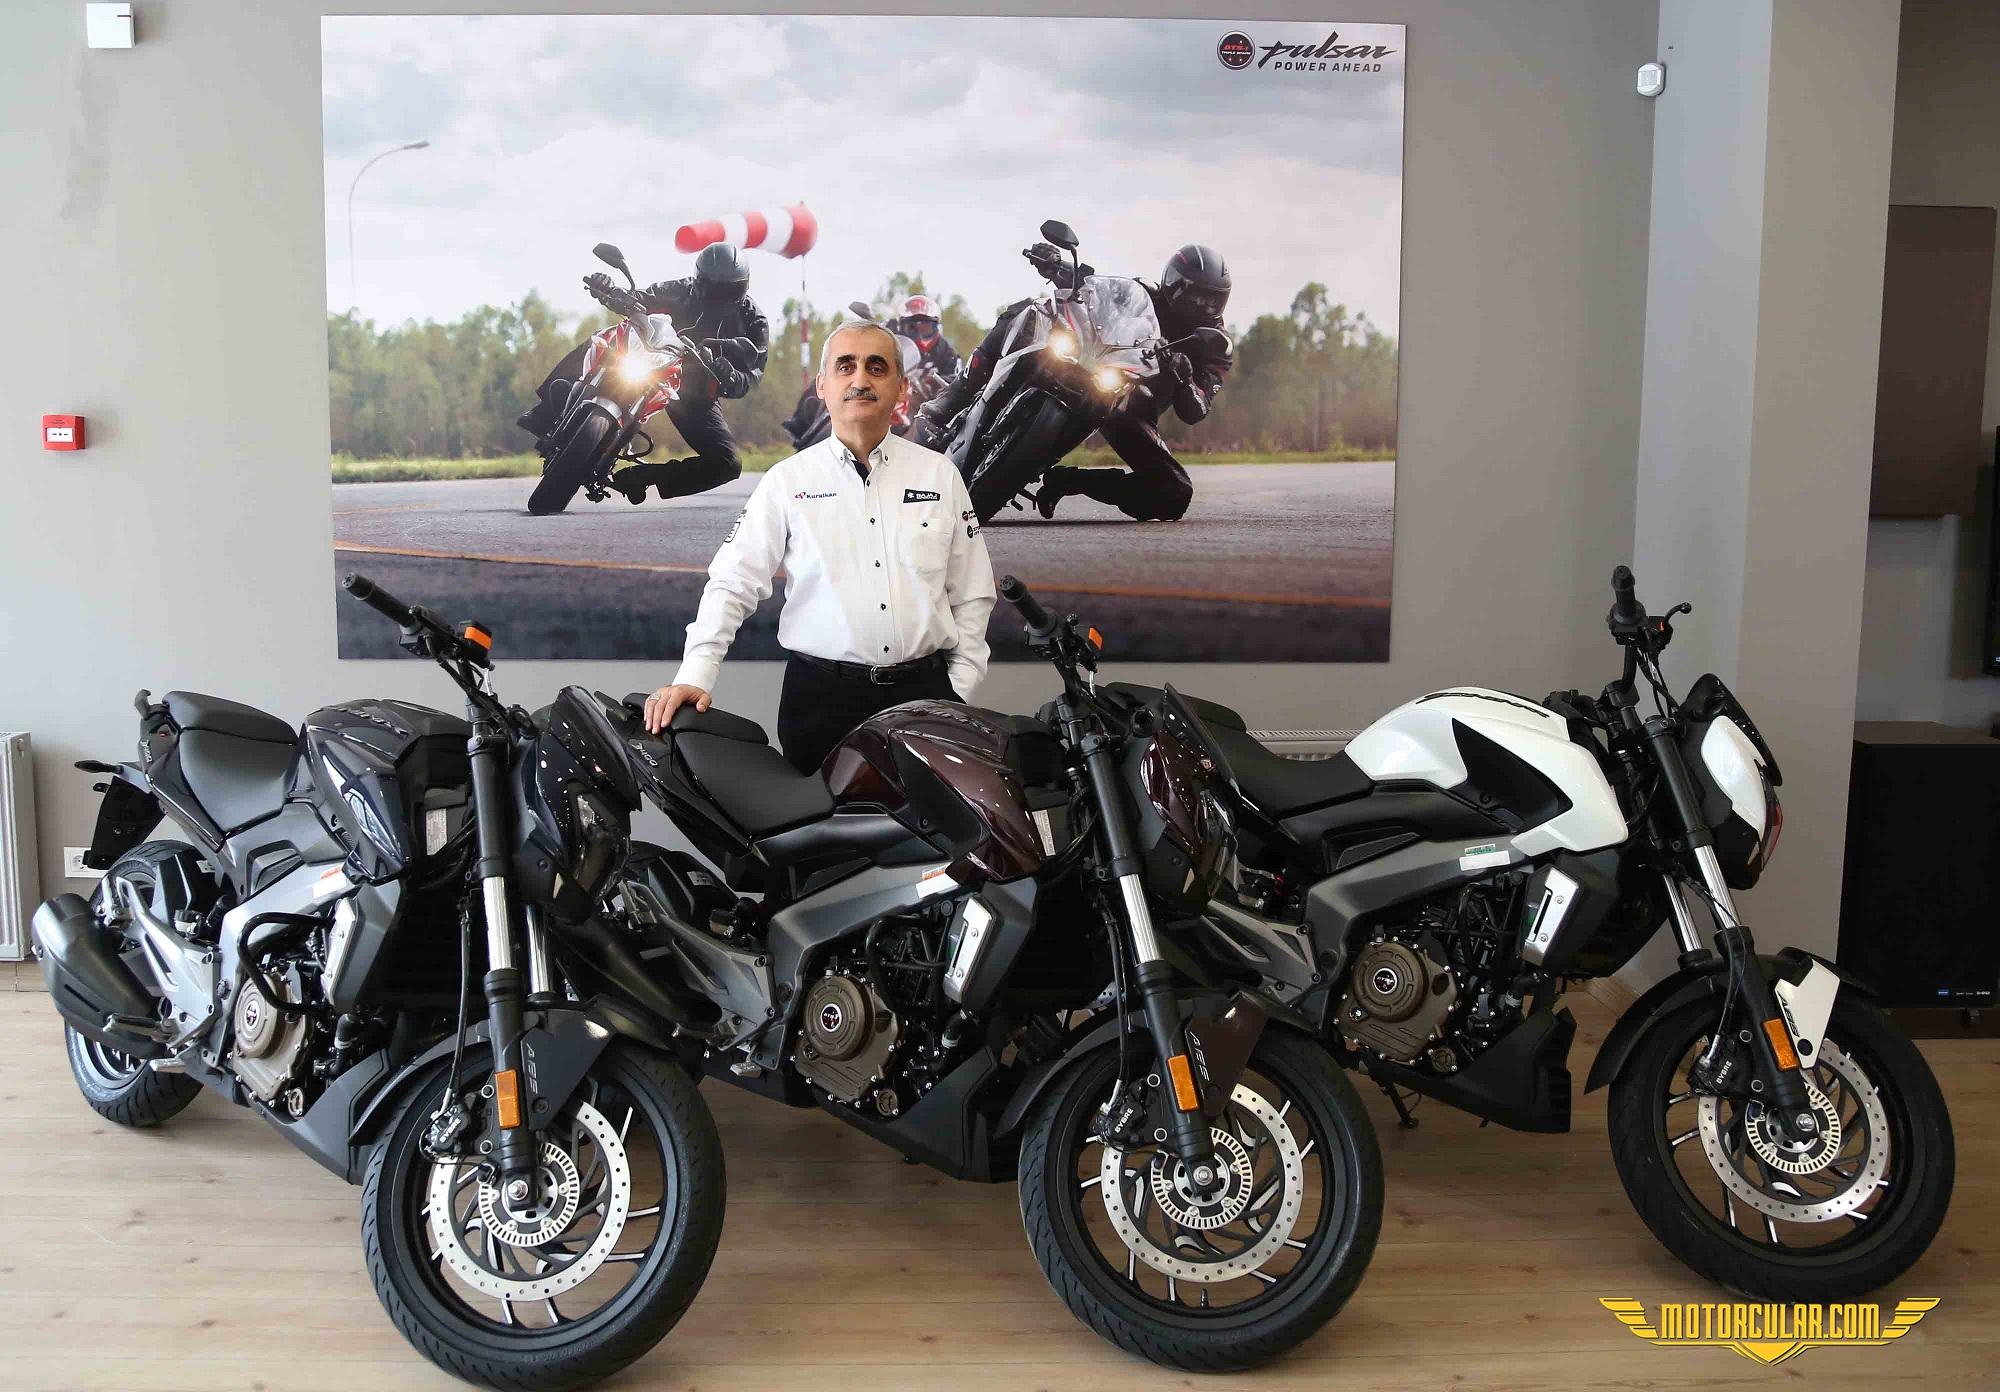 2019 Bajaj PULSAR RS 200 Motosiklet Modelleri ve Fiyatları